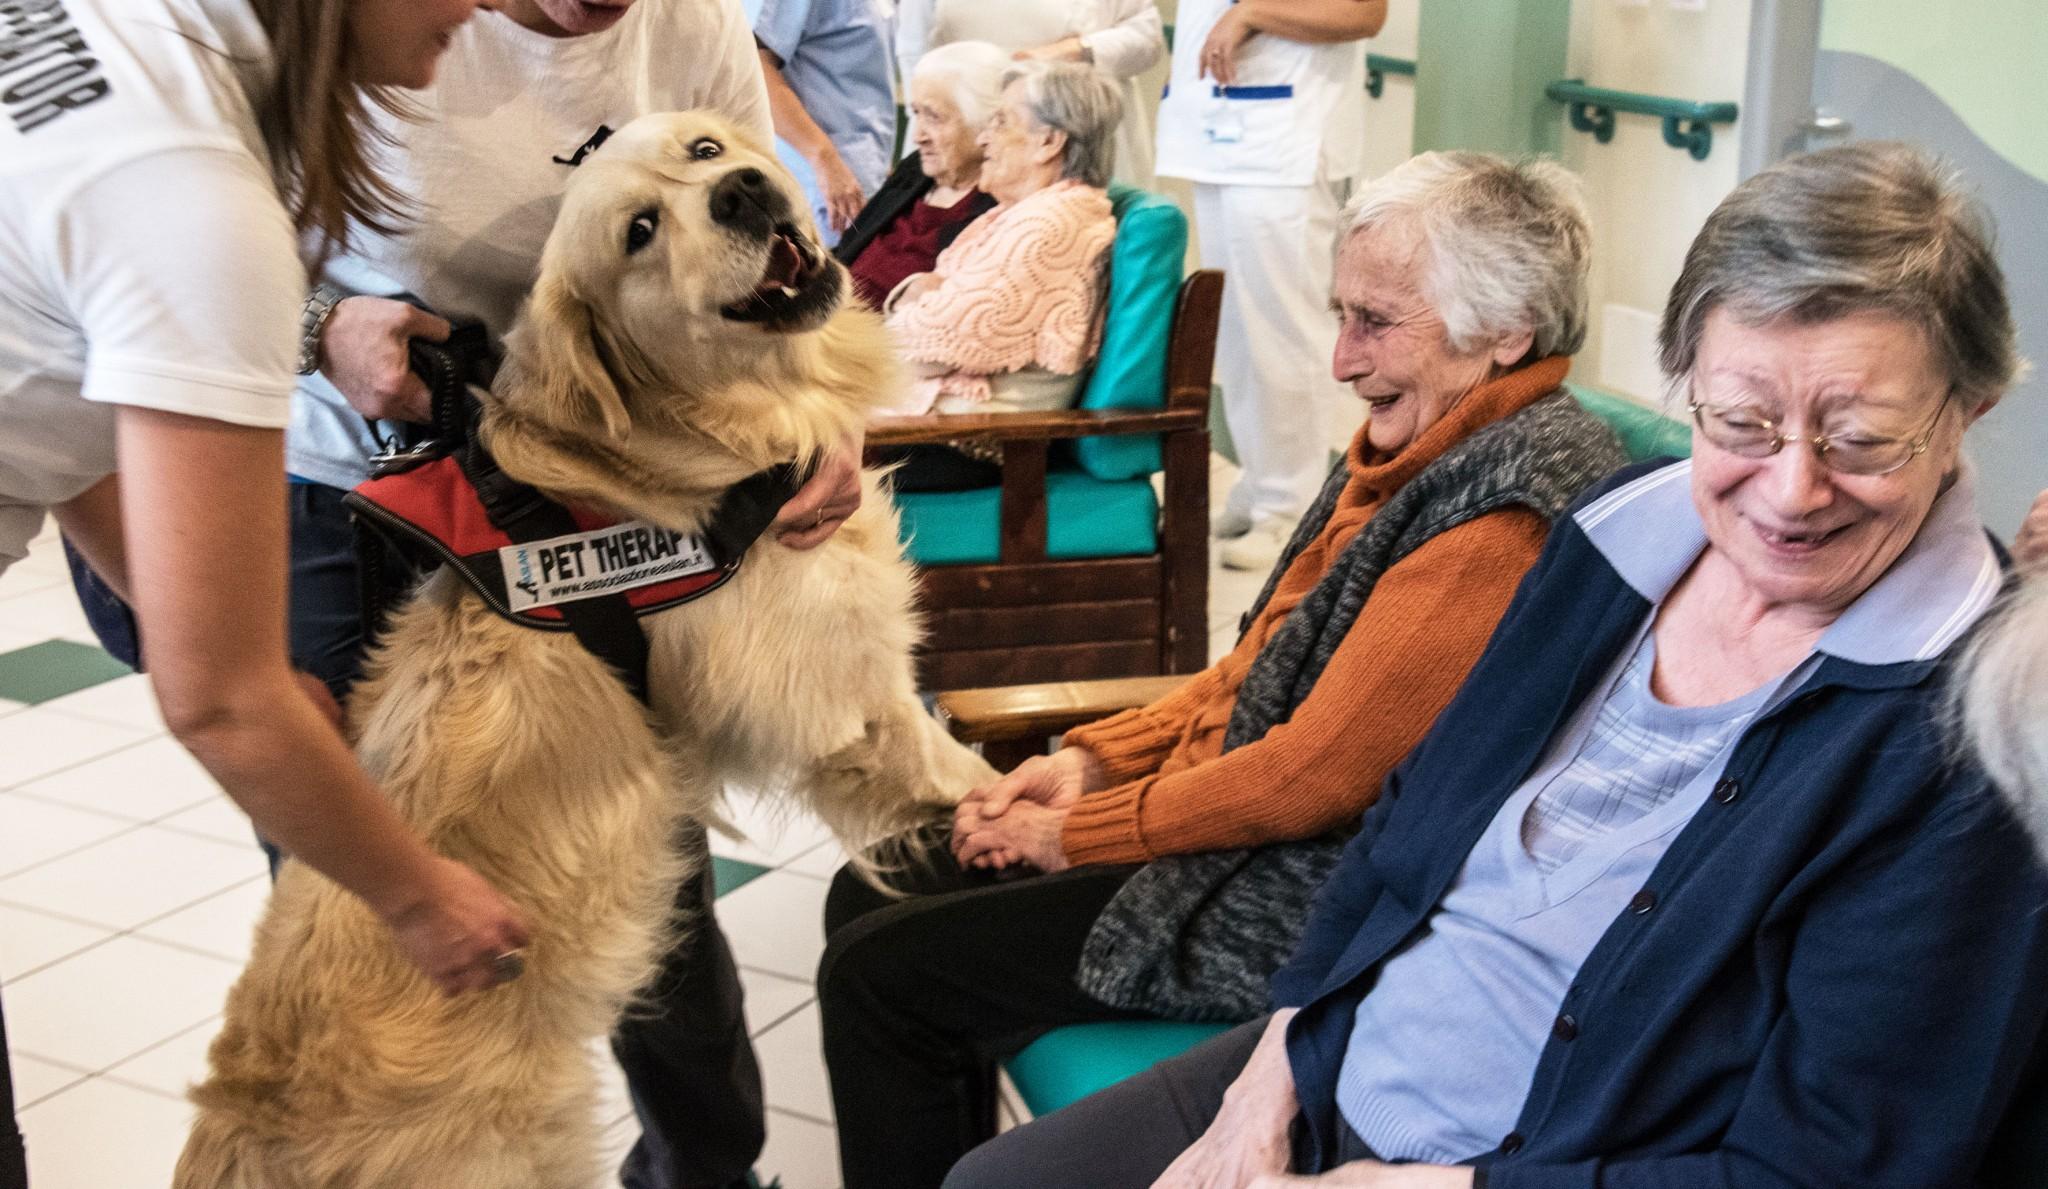 La pet therapy per i malati di alzheimer - Specchio dei tempi torino ...